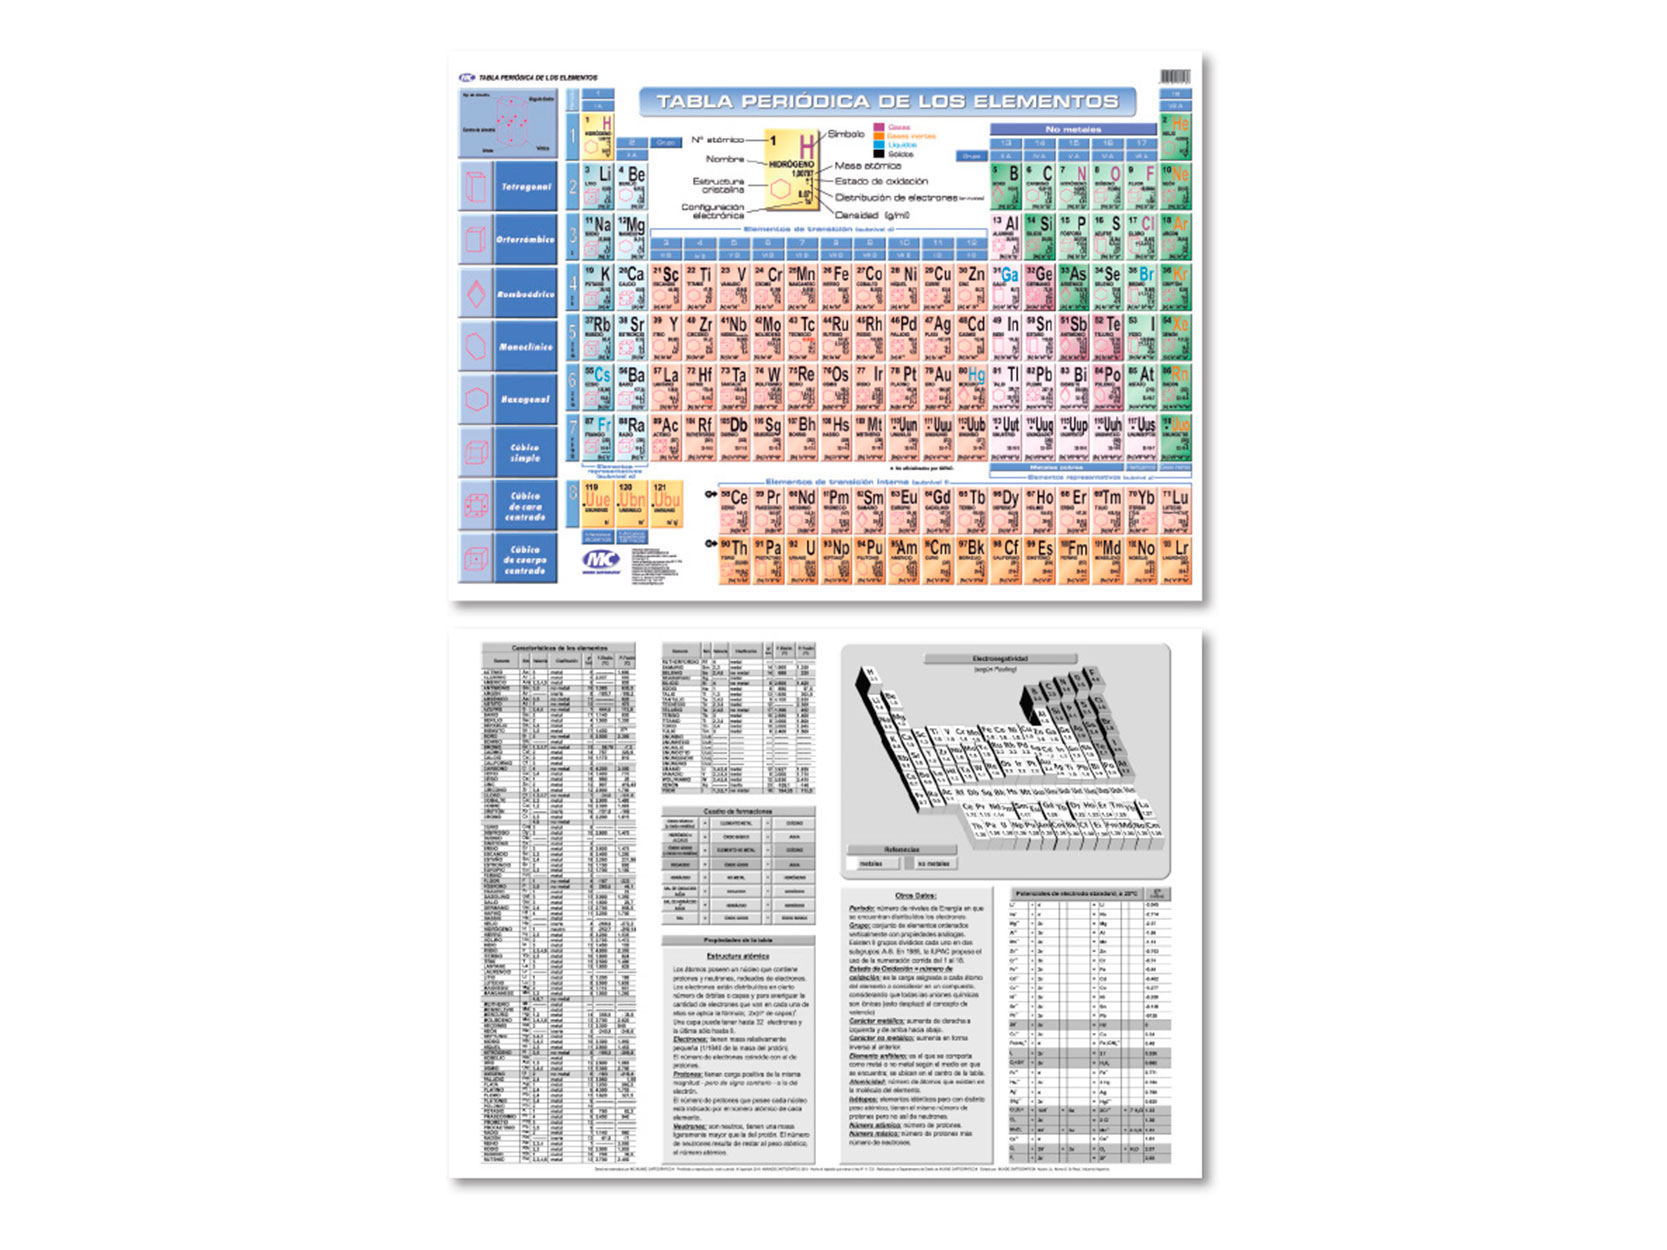 Lamina mural dc tabla periodica de los elementos librera san lamina mural dc tabla periodica de los elementos urtaz Images